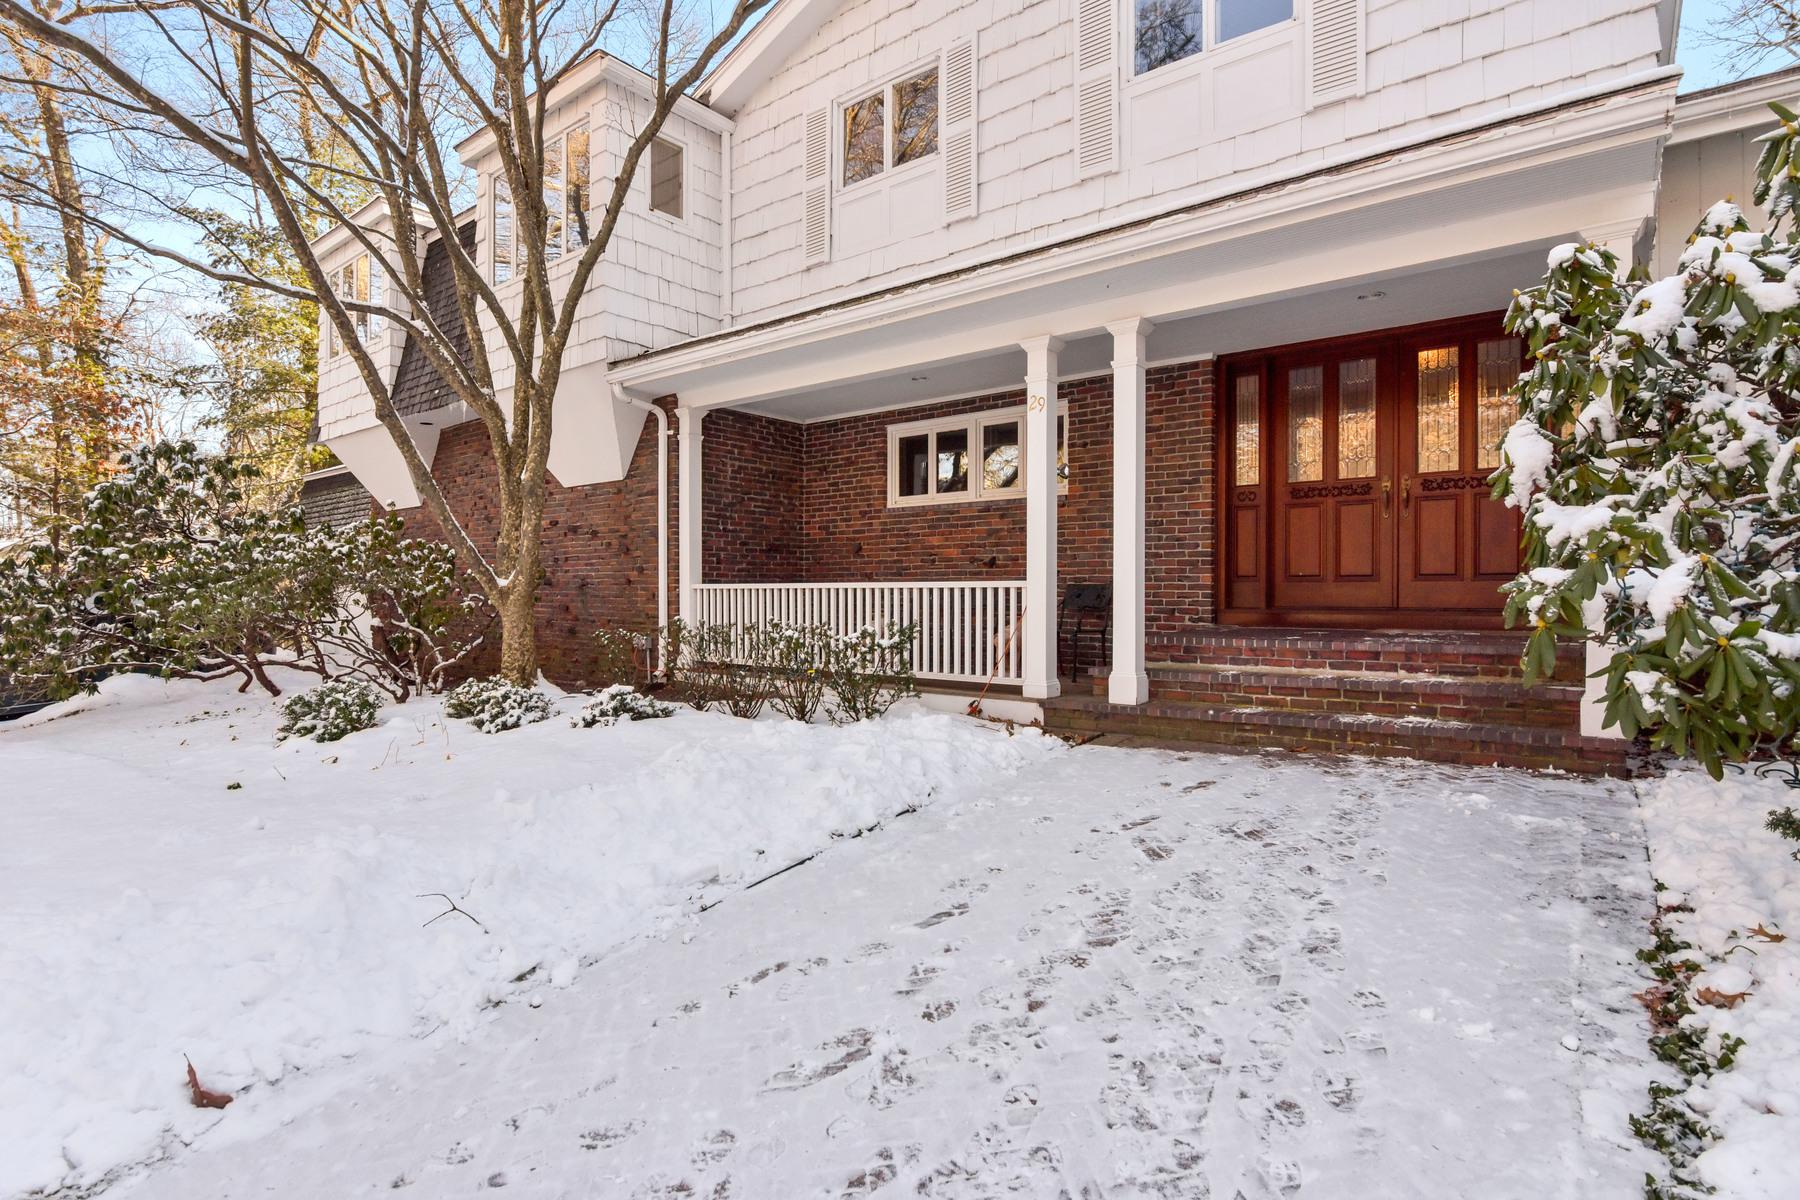 独户住宅 为 销售 在 Sunny Home Ideal For A Growing Family 29 Chatham Way 林菲尔德, 马萨诸塞州 01940 美国